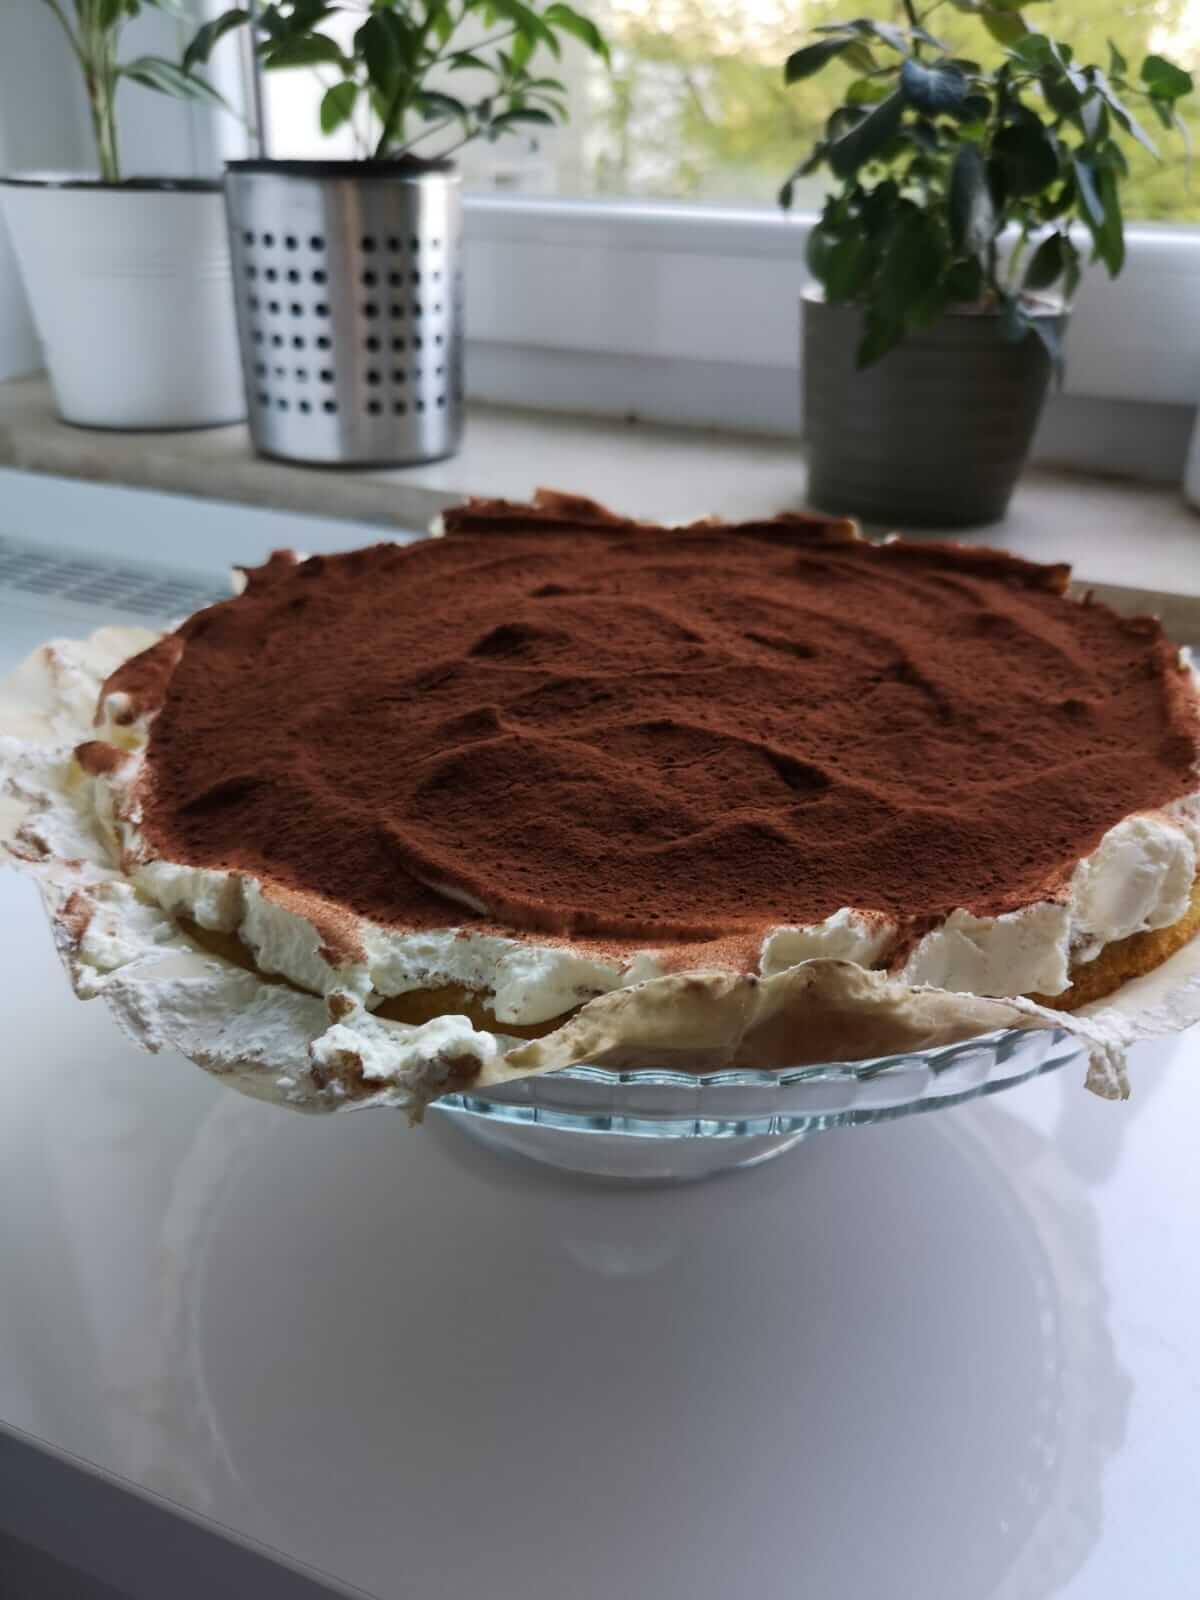 selbst gebackener Kuchen für den Kunden